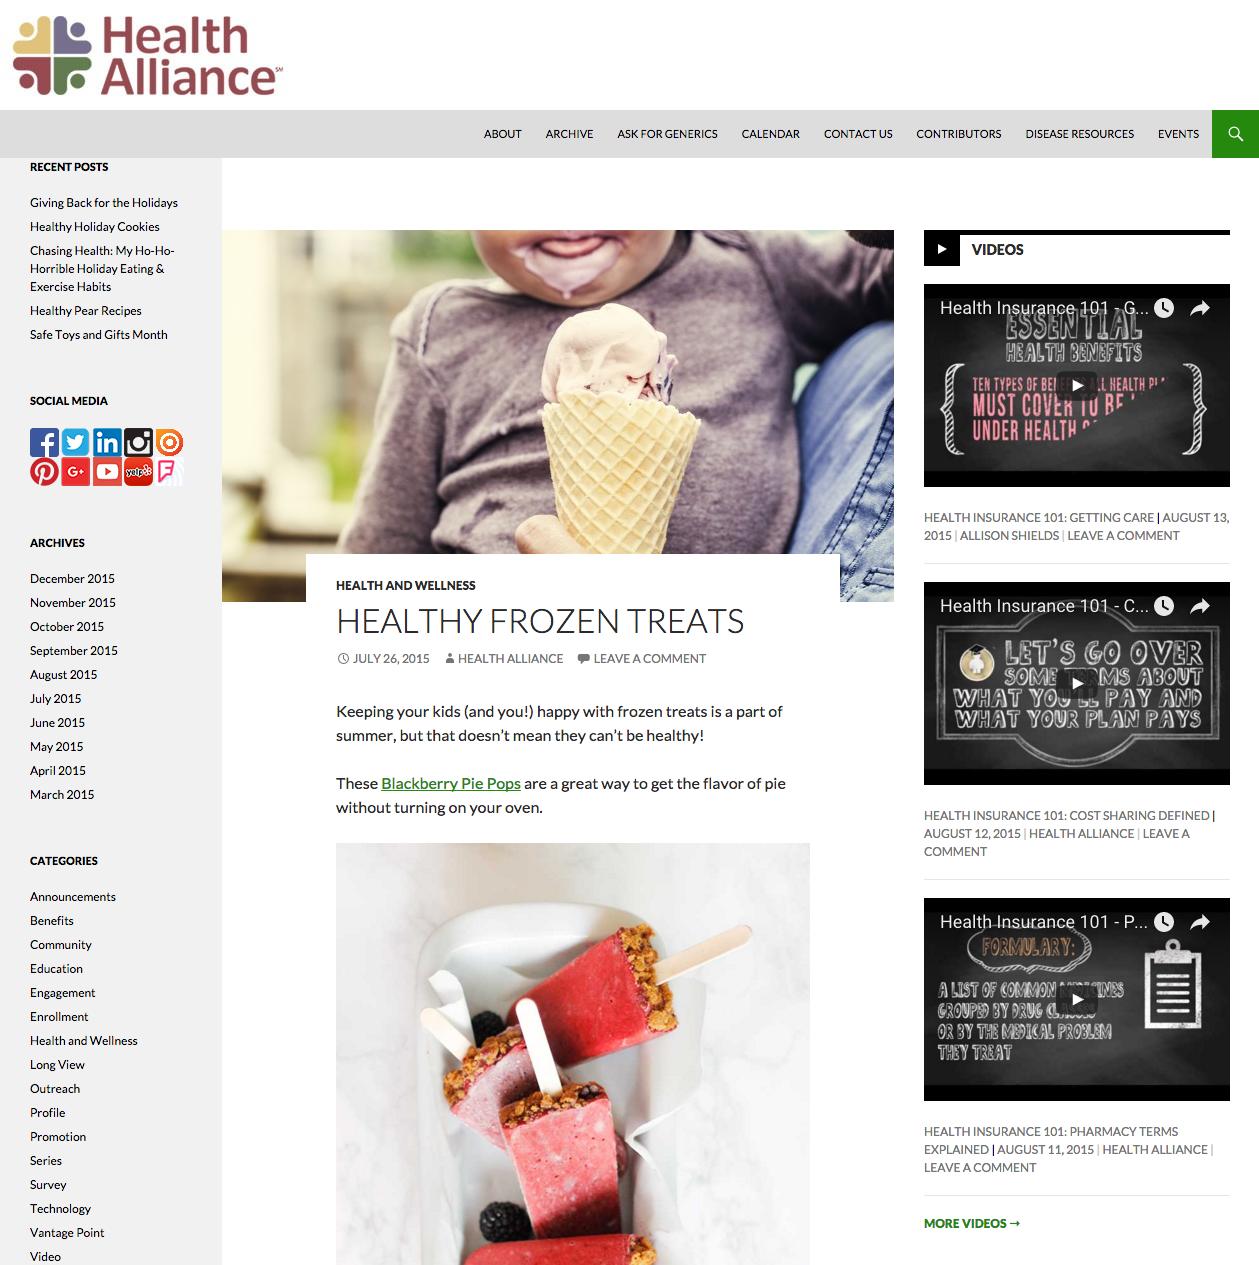 Healthy Frozen Treats Blog Post